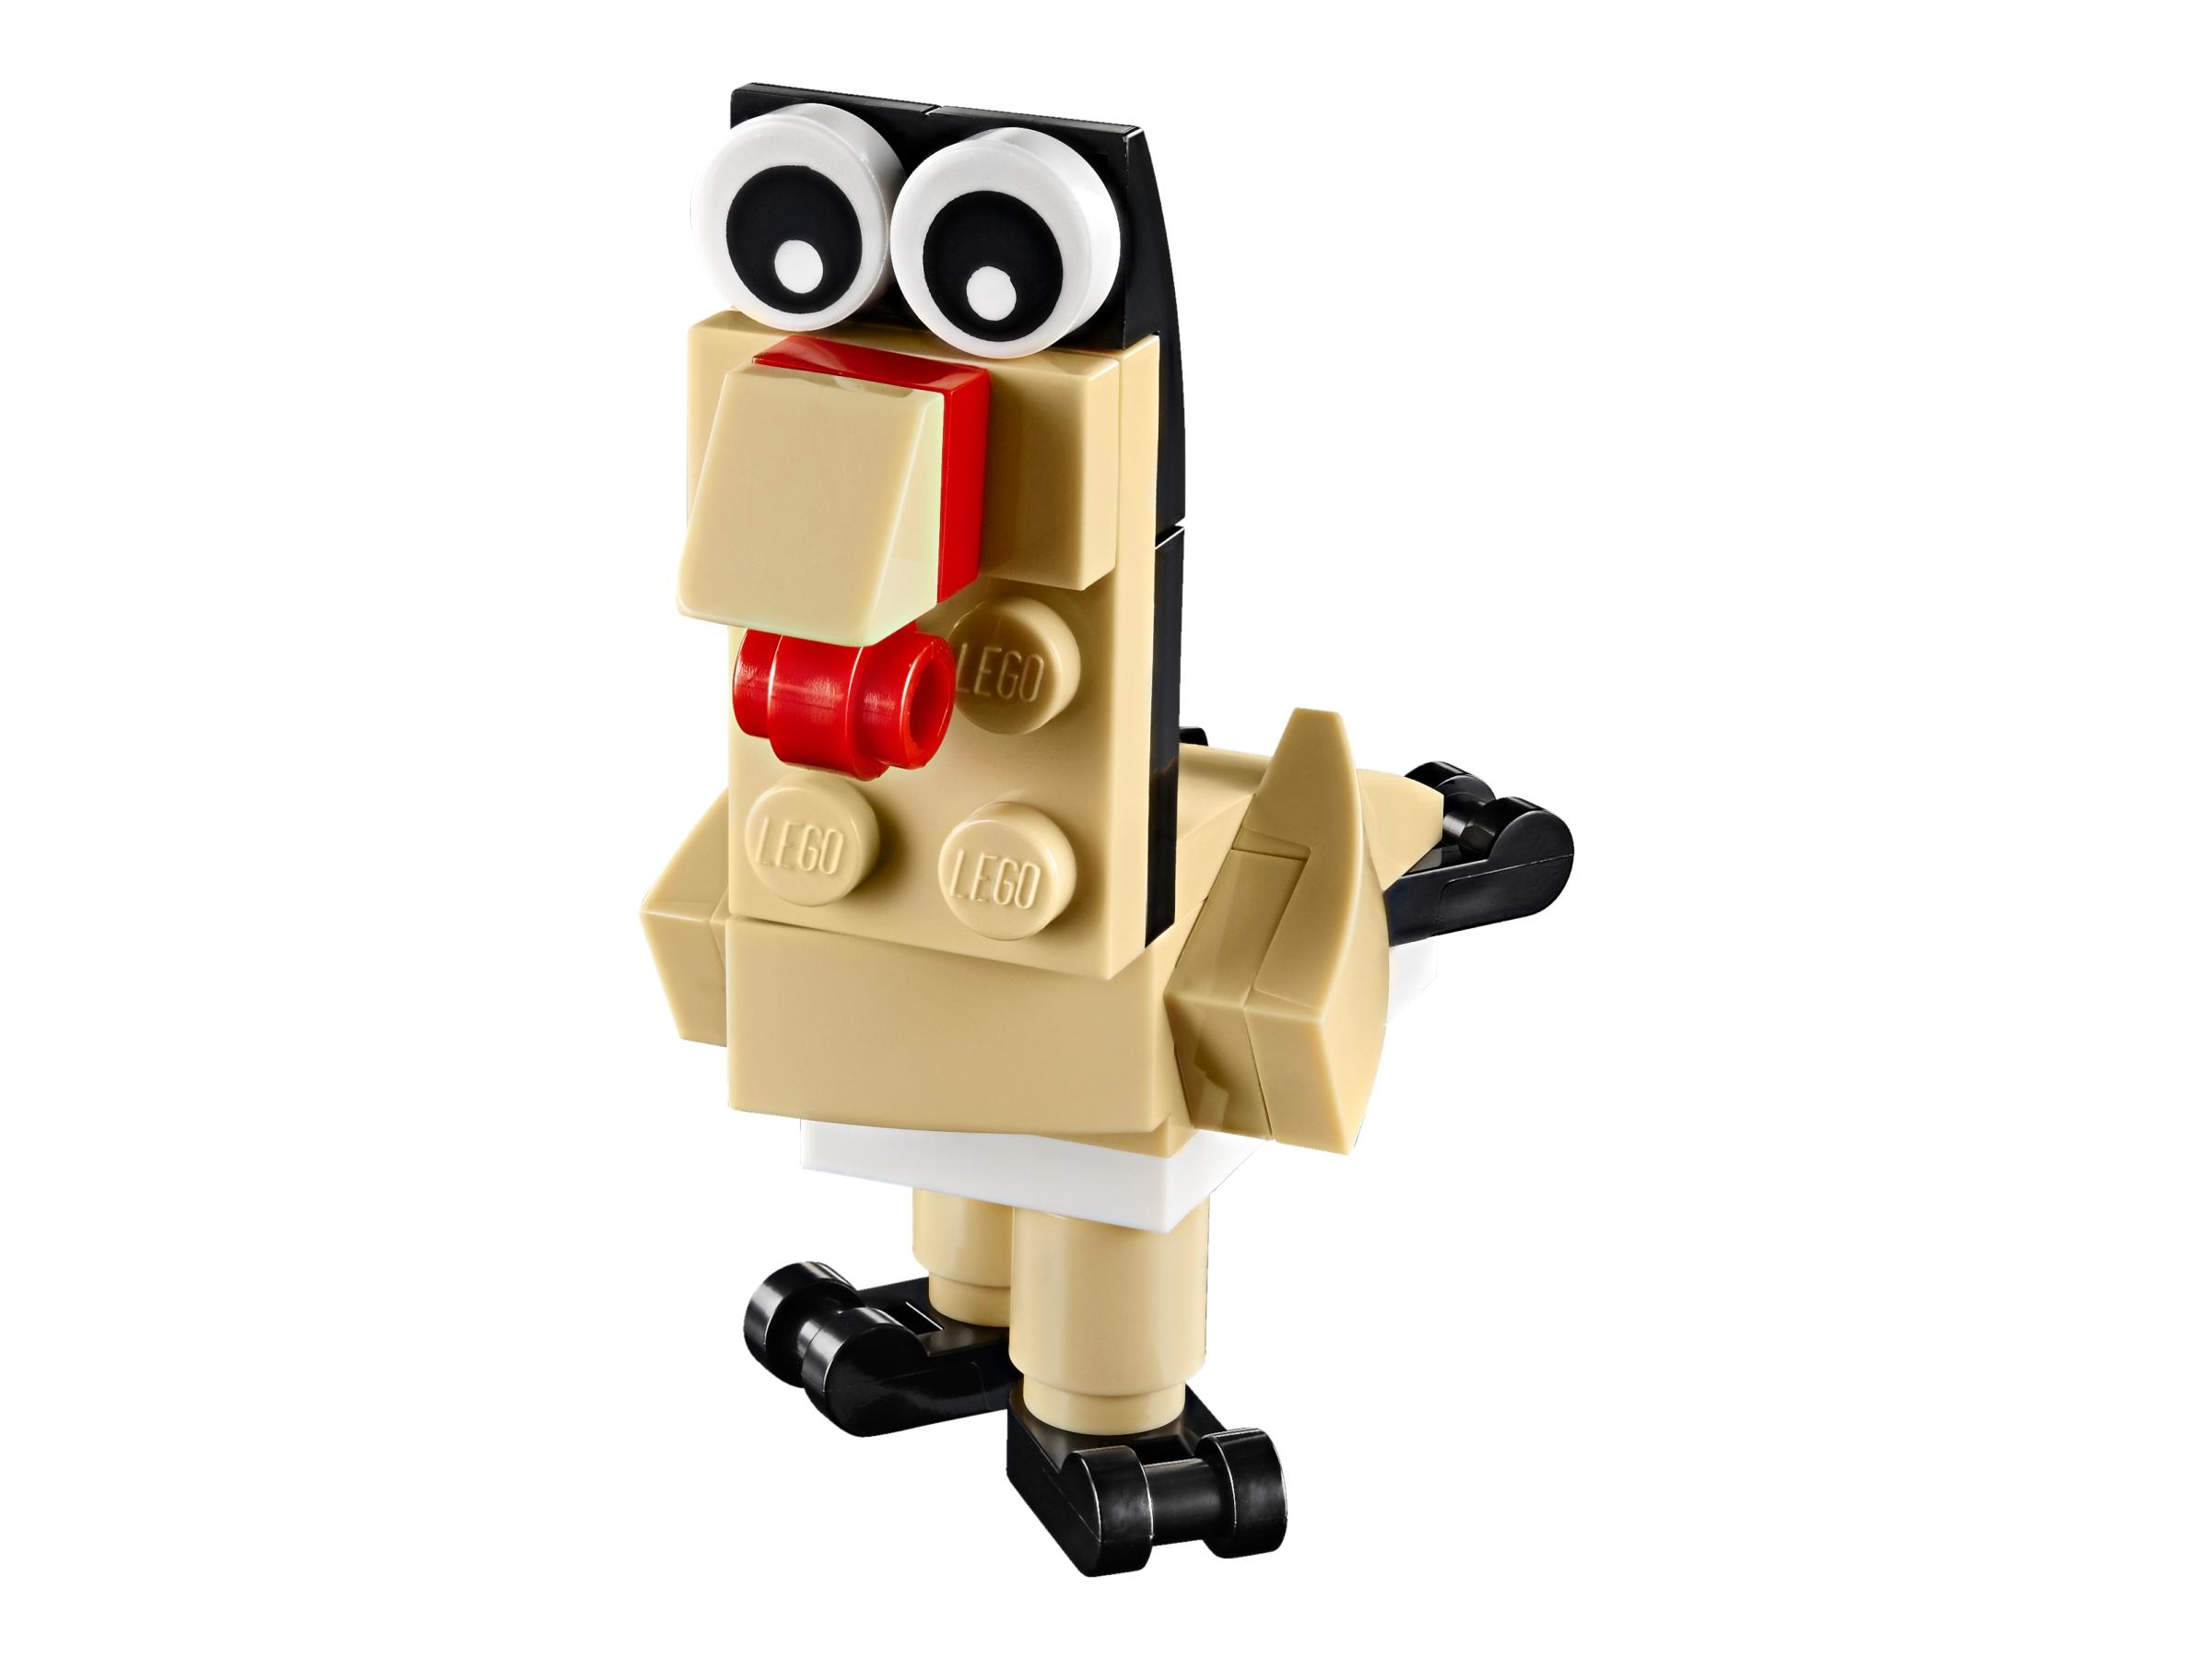 Cute Pug Lego Creator Polybag 30542 Limited Dog Fire Hydrant